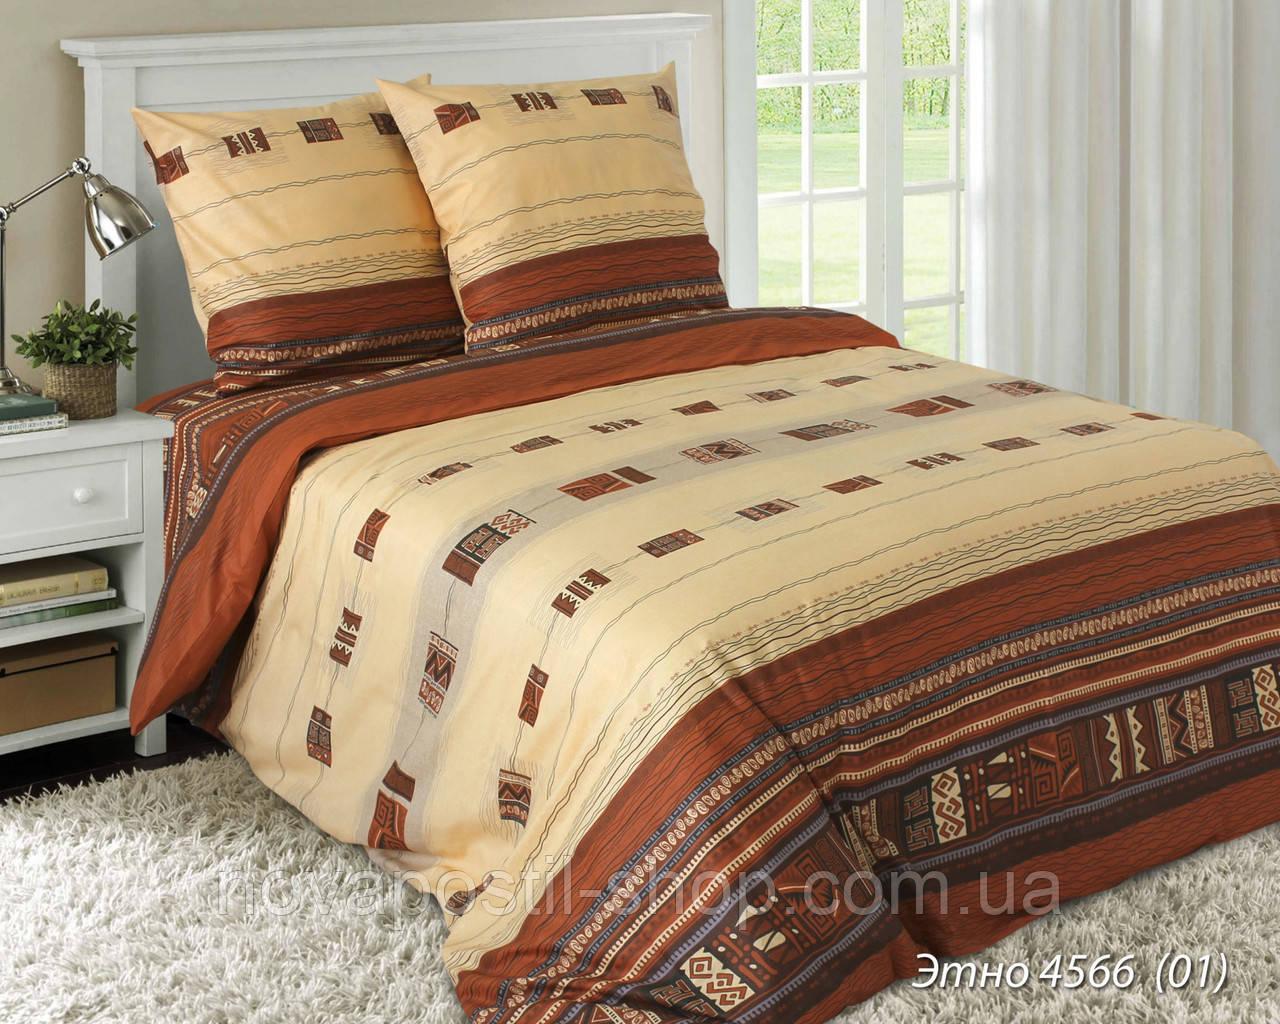 Ткань для постельного белья, бязь белорусская Этно